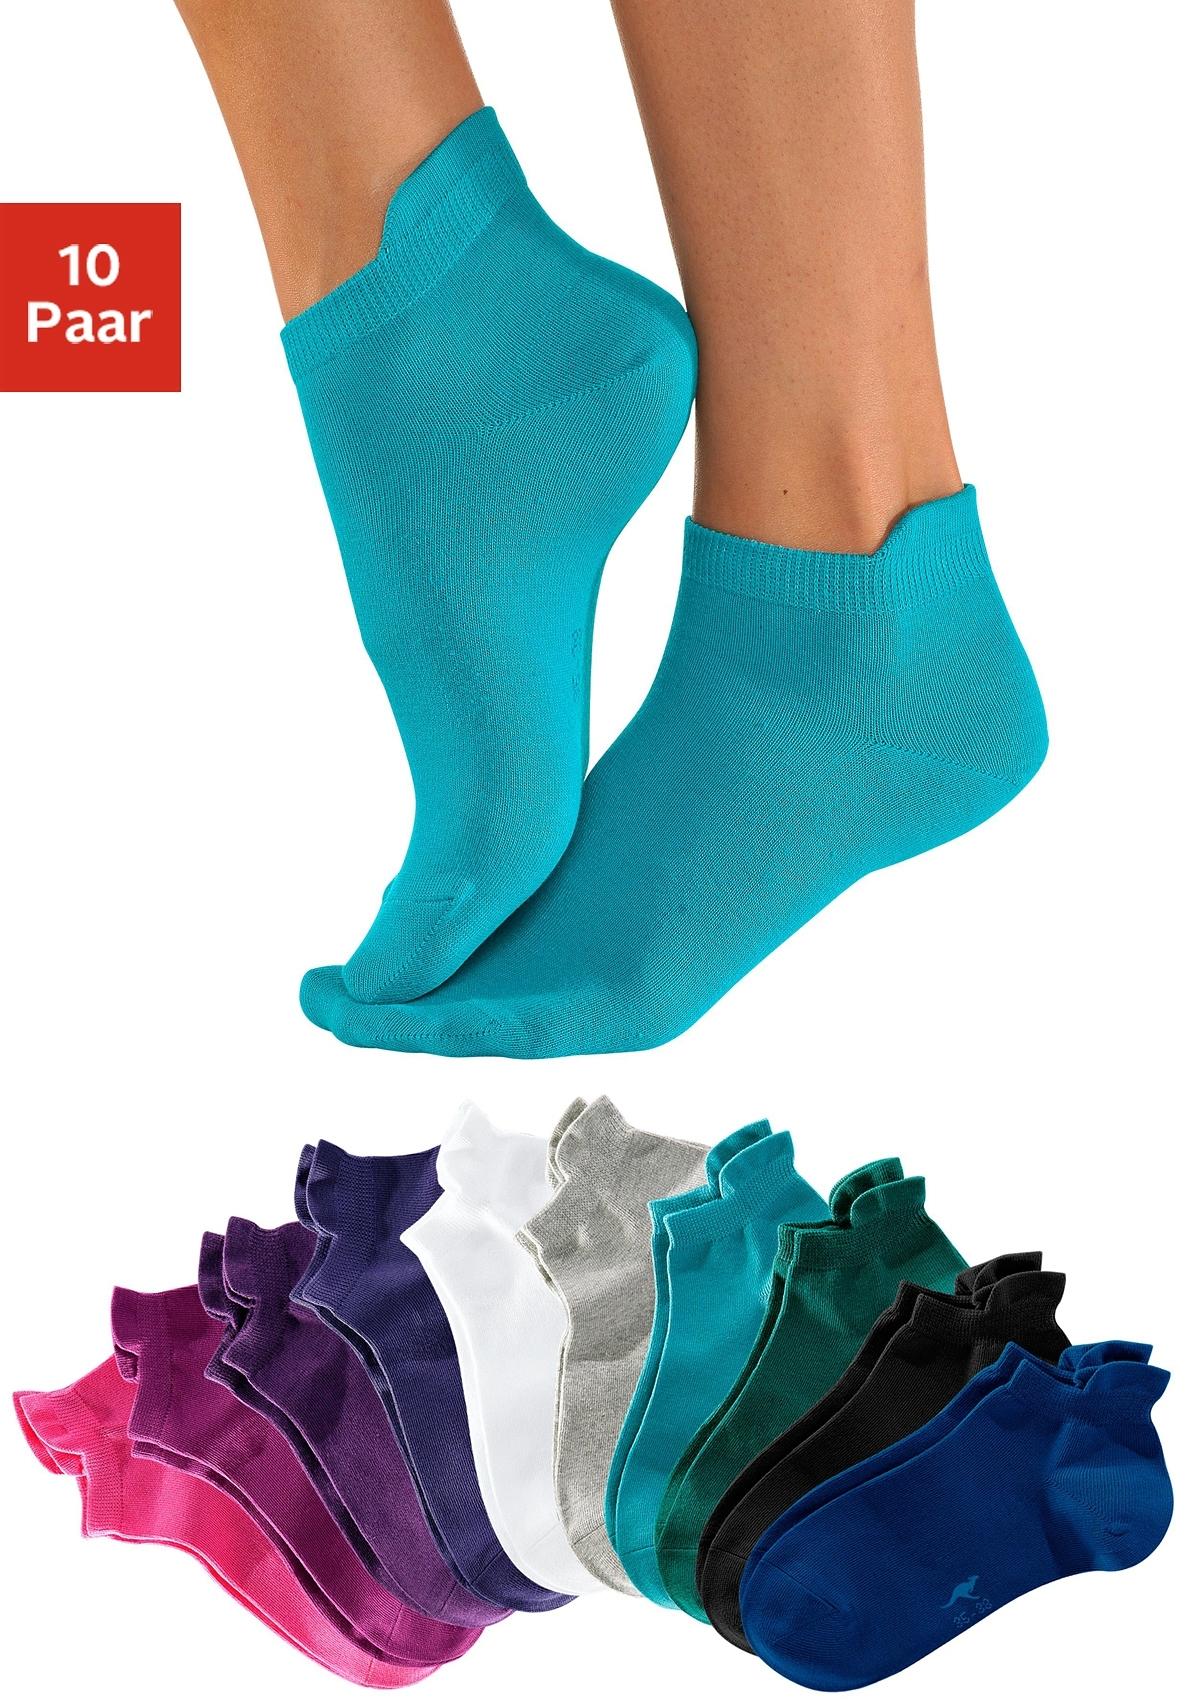 KangaROOS Sneakersokken met verhoogde boord (10 paar) bij Lascana online kopen